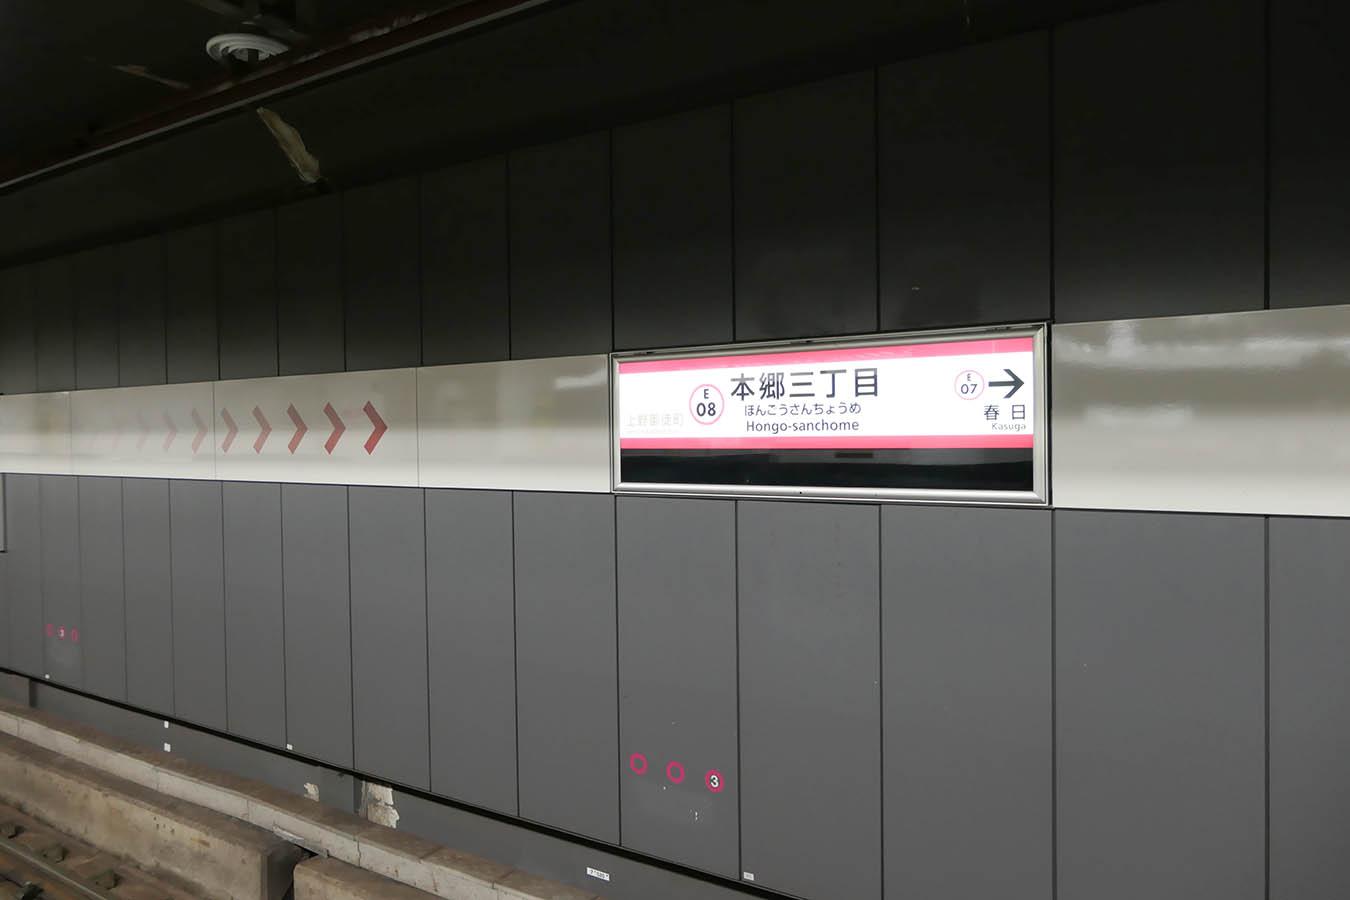 e08_photo01.jpg